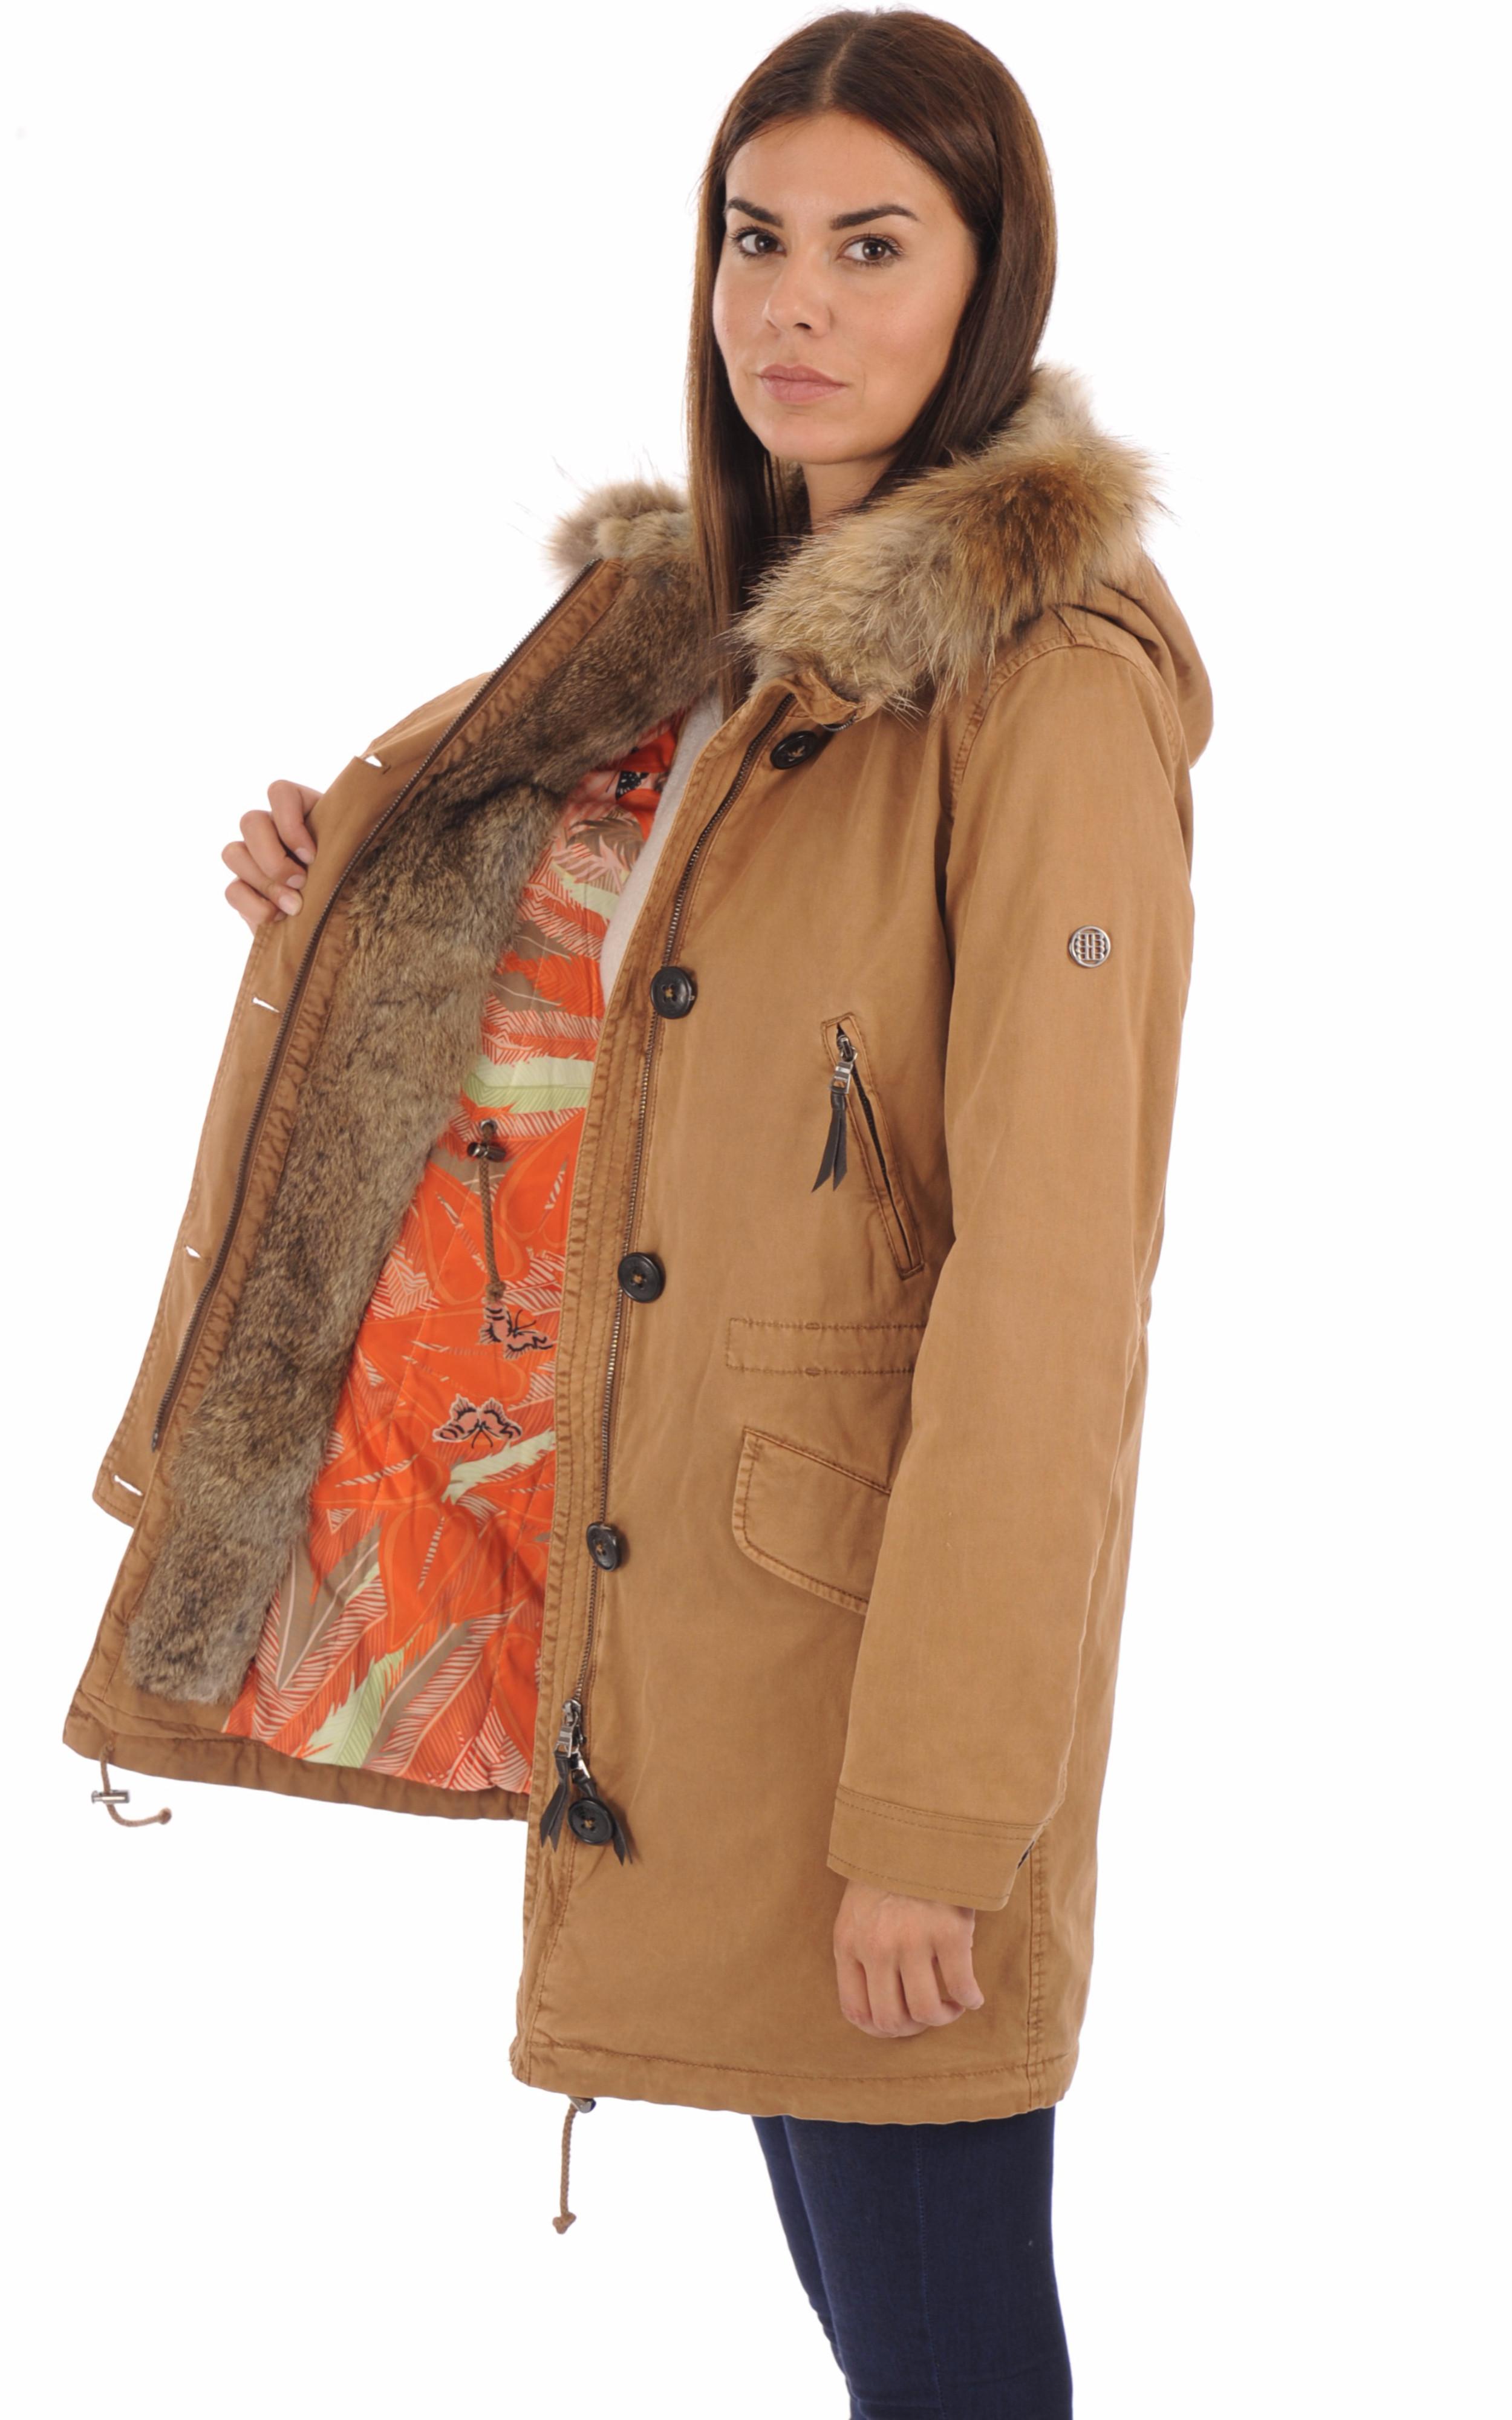 Parka Aspen 515 camel femme Blonde n°8